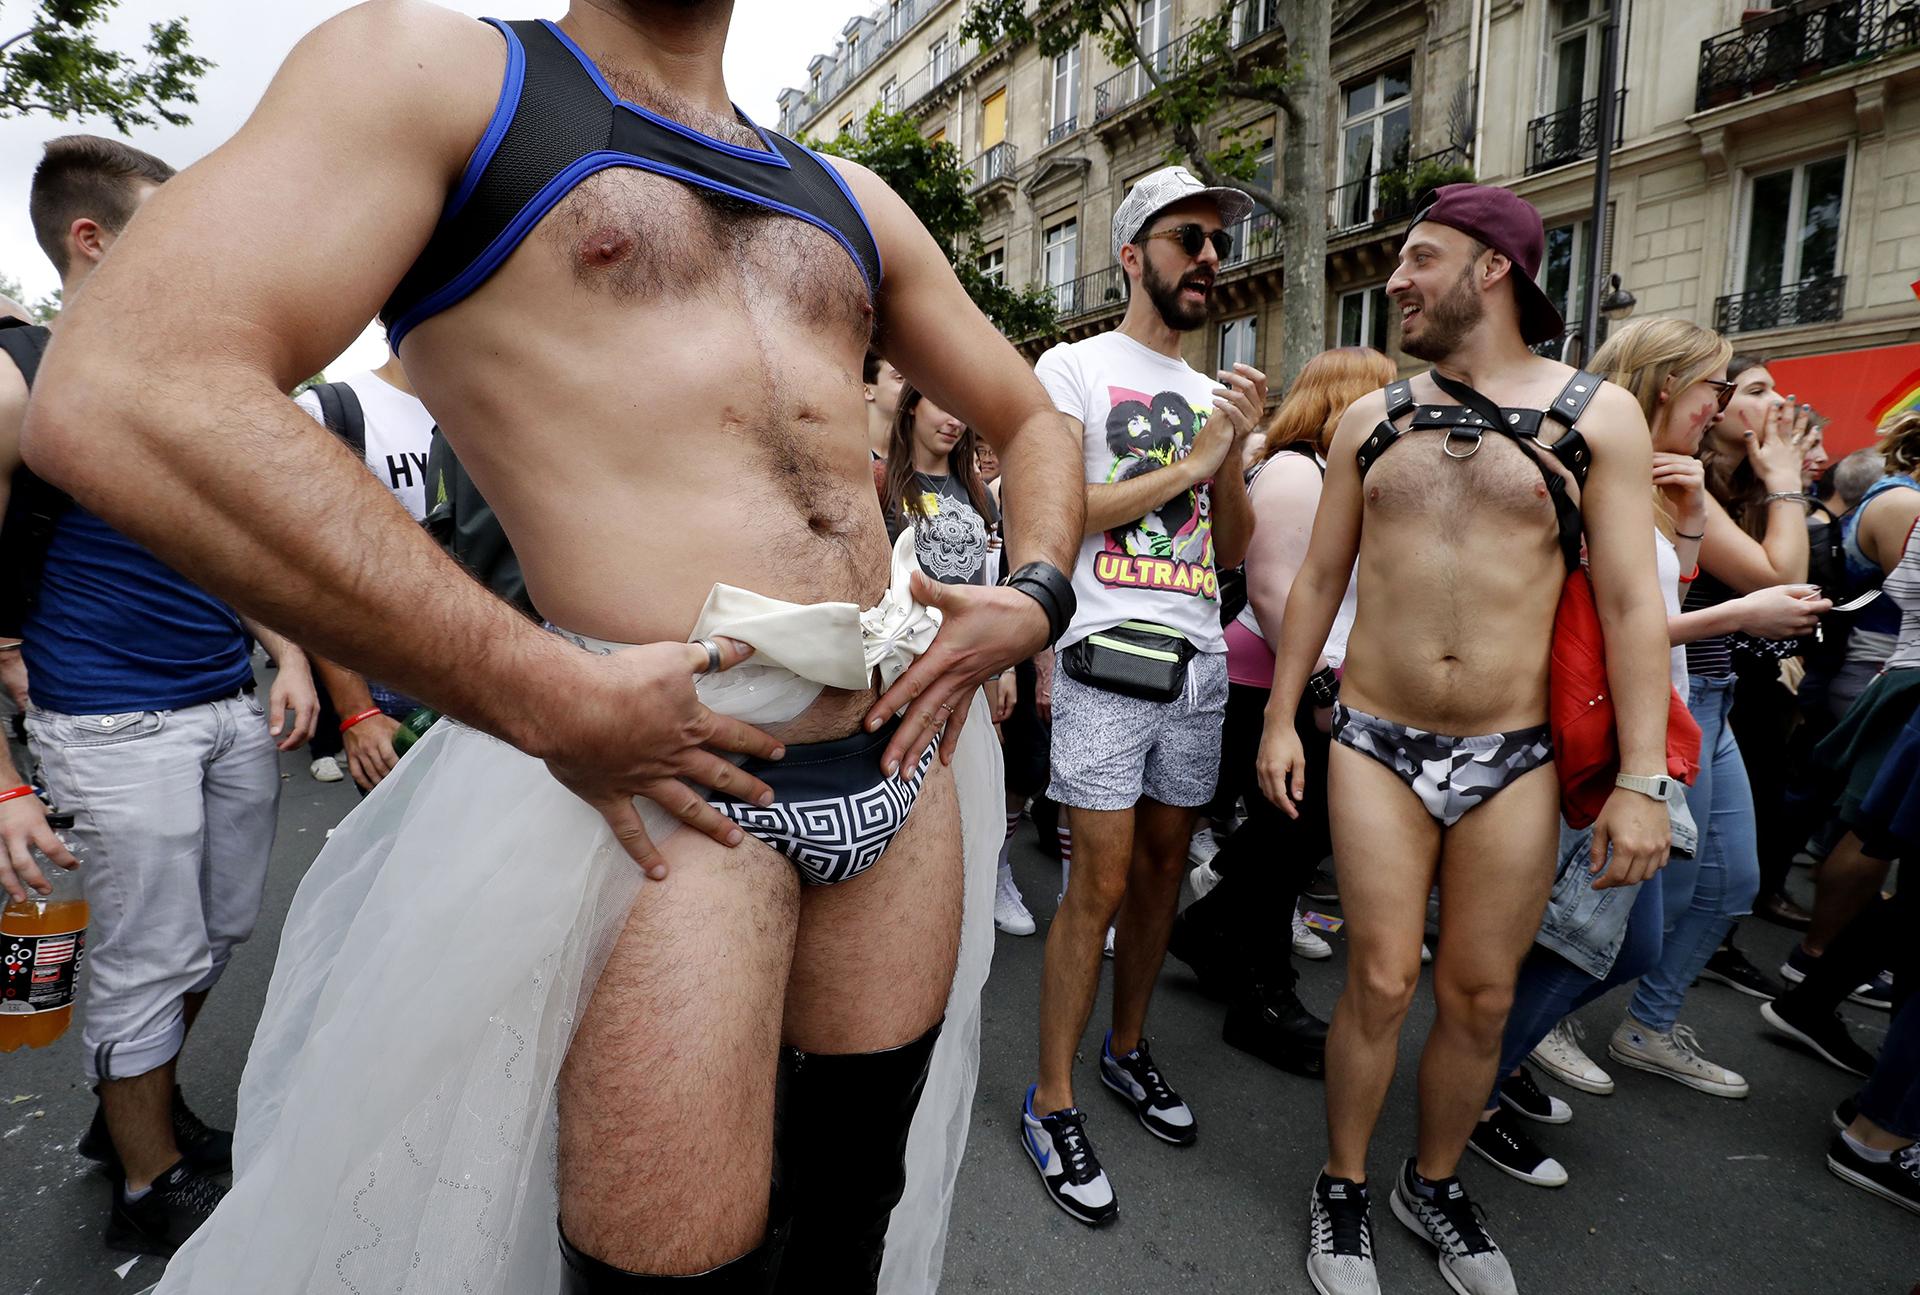 Un participante disfrazado durante el desfile del Orgullo en París el 2 de julio de 2016